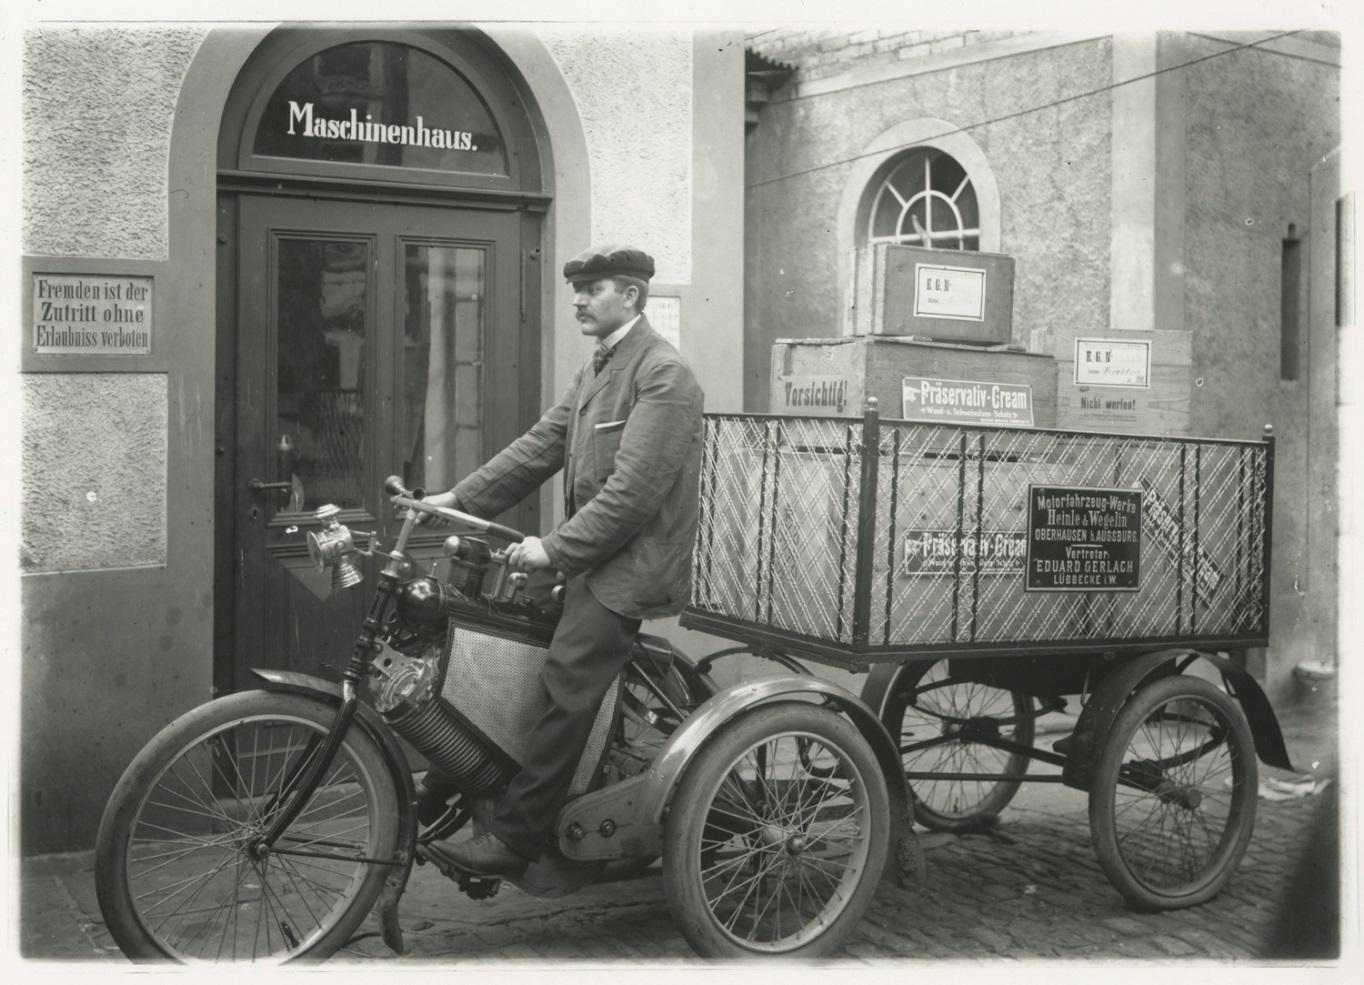 Auslieferung von E. GERLACH'S PRAESERVATIV-CREAM